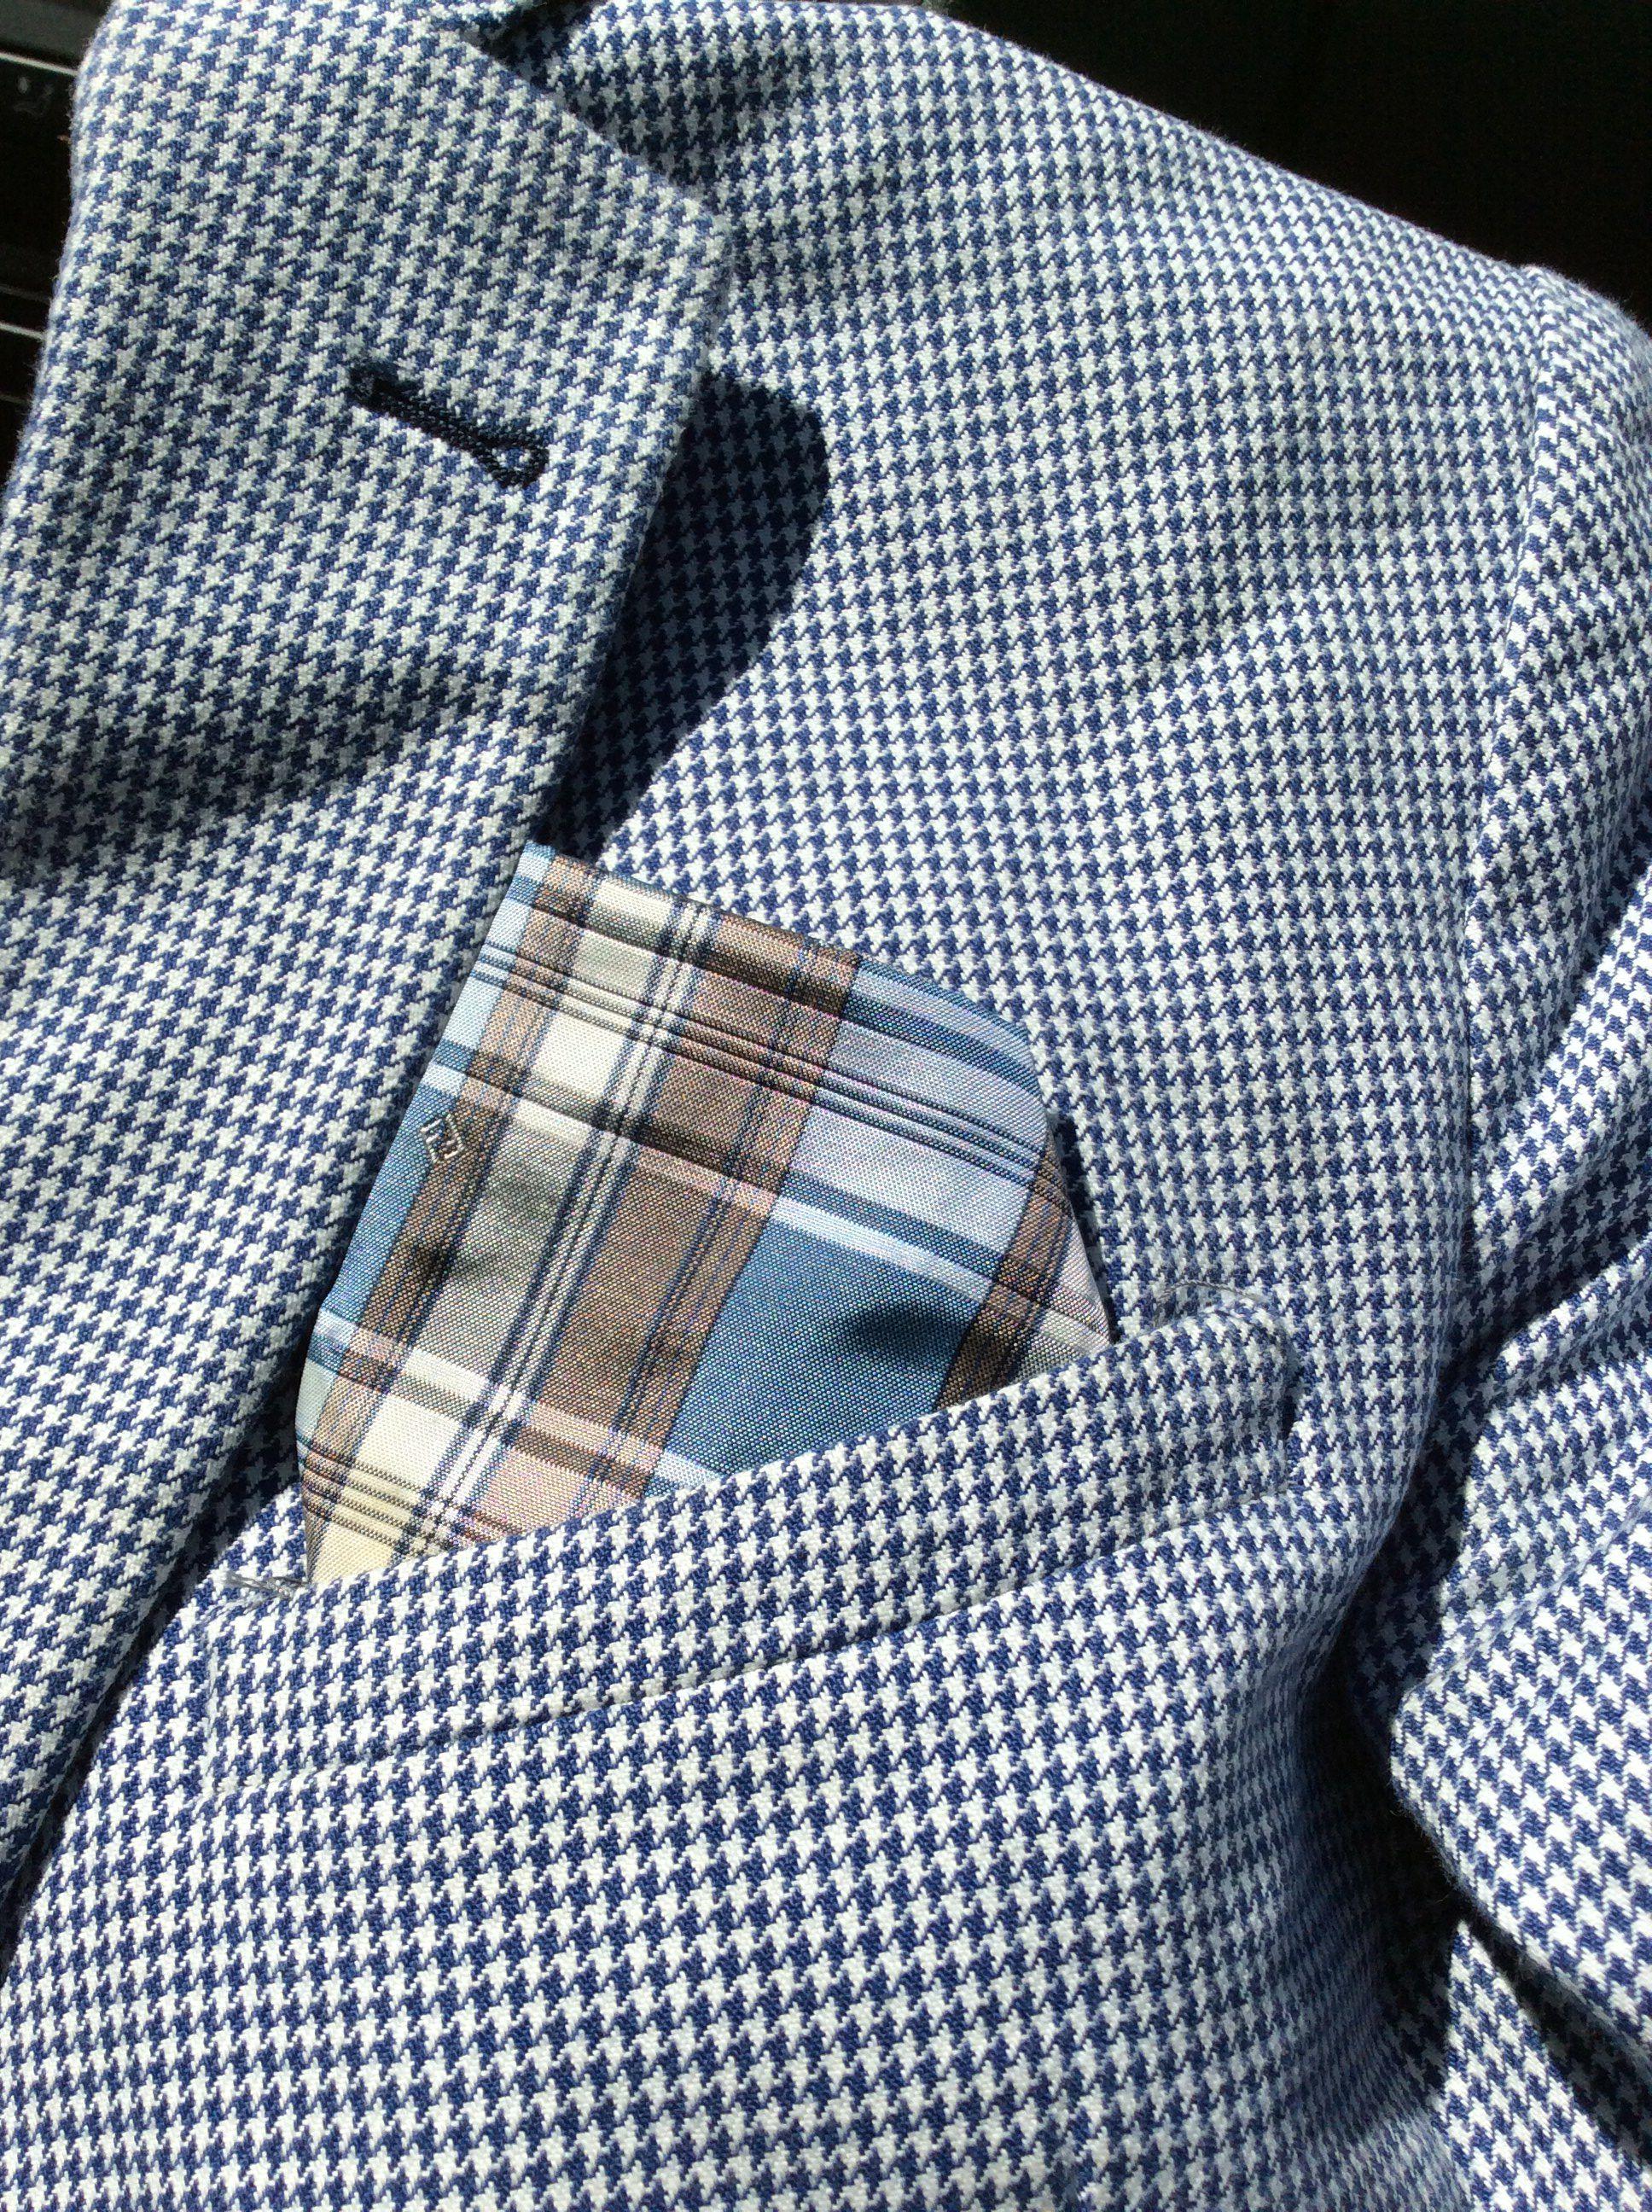 .#SCS #moda uomo #collezione Fendi Uomo P/E 2012.....A Jacket Winner @michaelmike